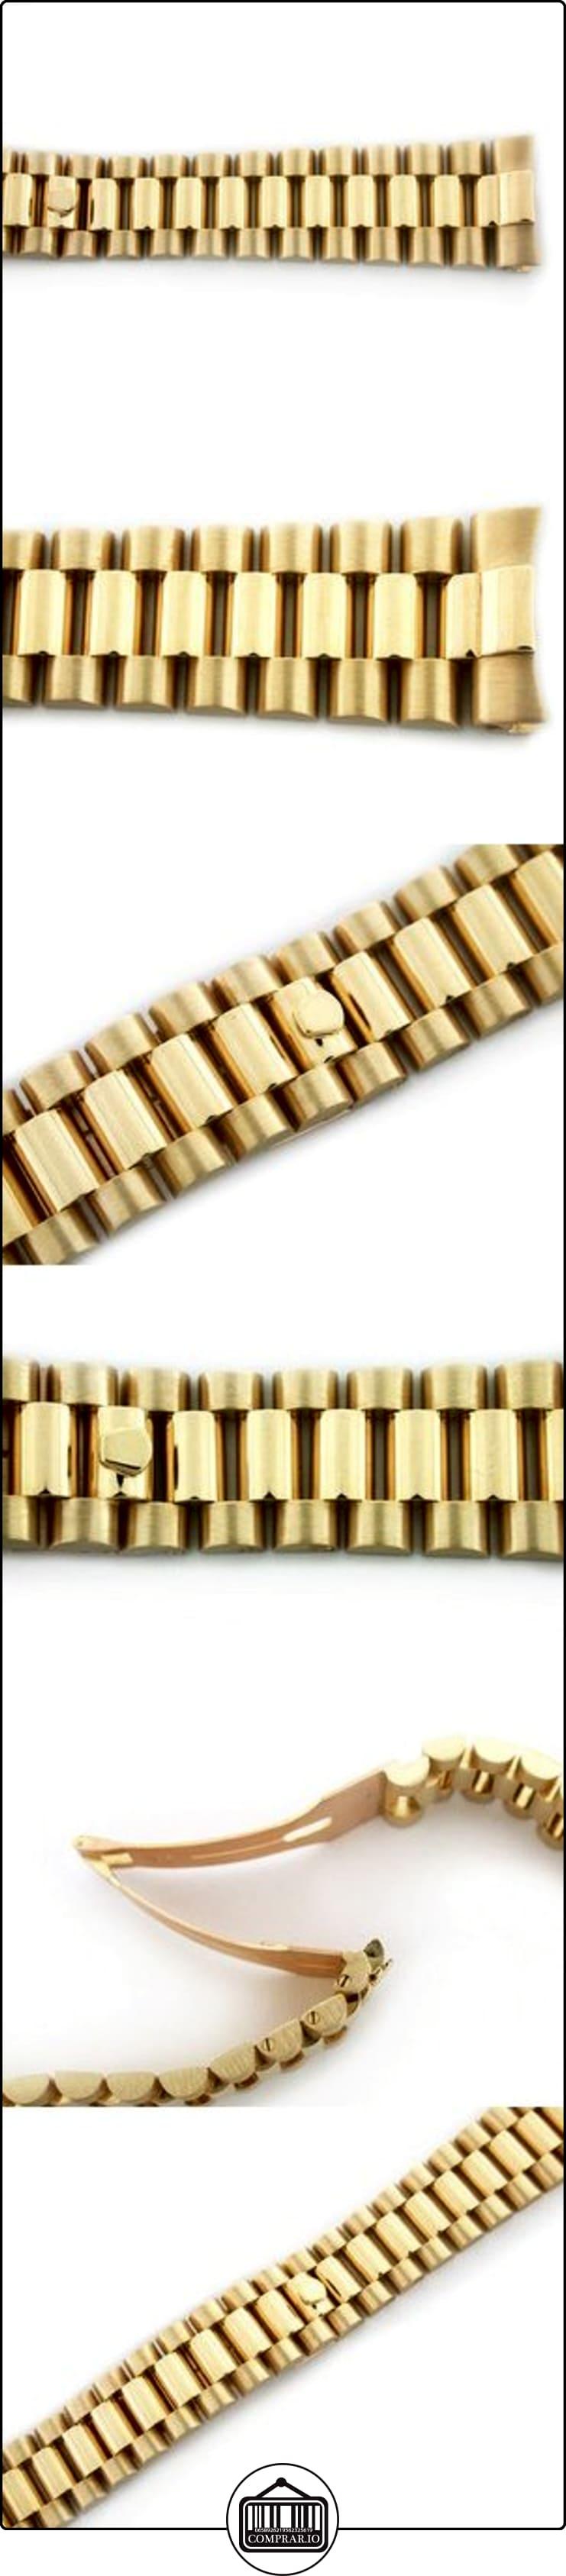 Para hombre Presidente banda de reloj para Rolex 20mm oro de 18quilates  ✿ Relojes para hombre - (Lujo) ✿